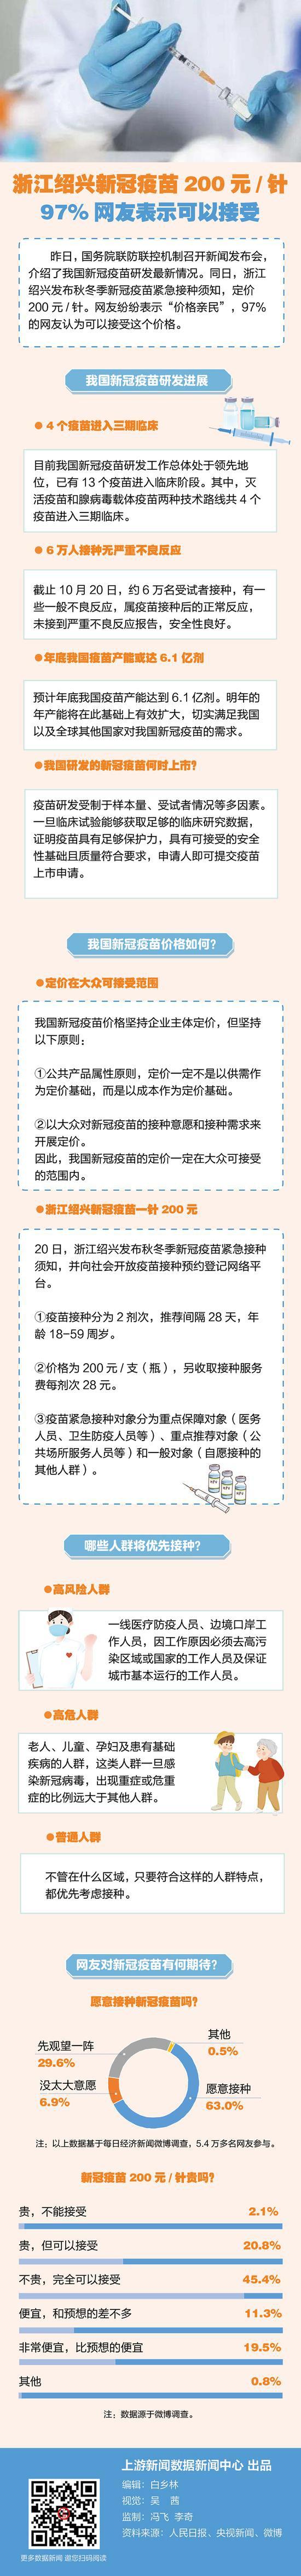 浙江绍兴新冠疫苗200元/针,97%网友表示可以接受图片